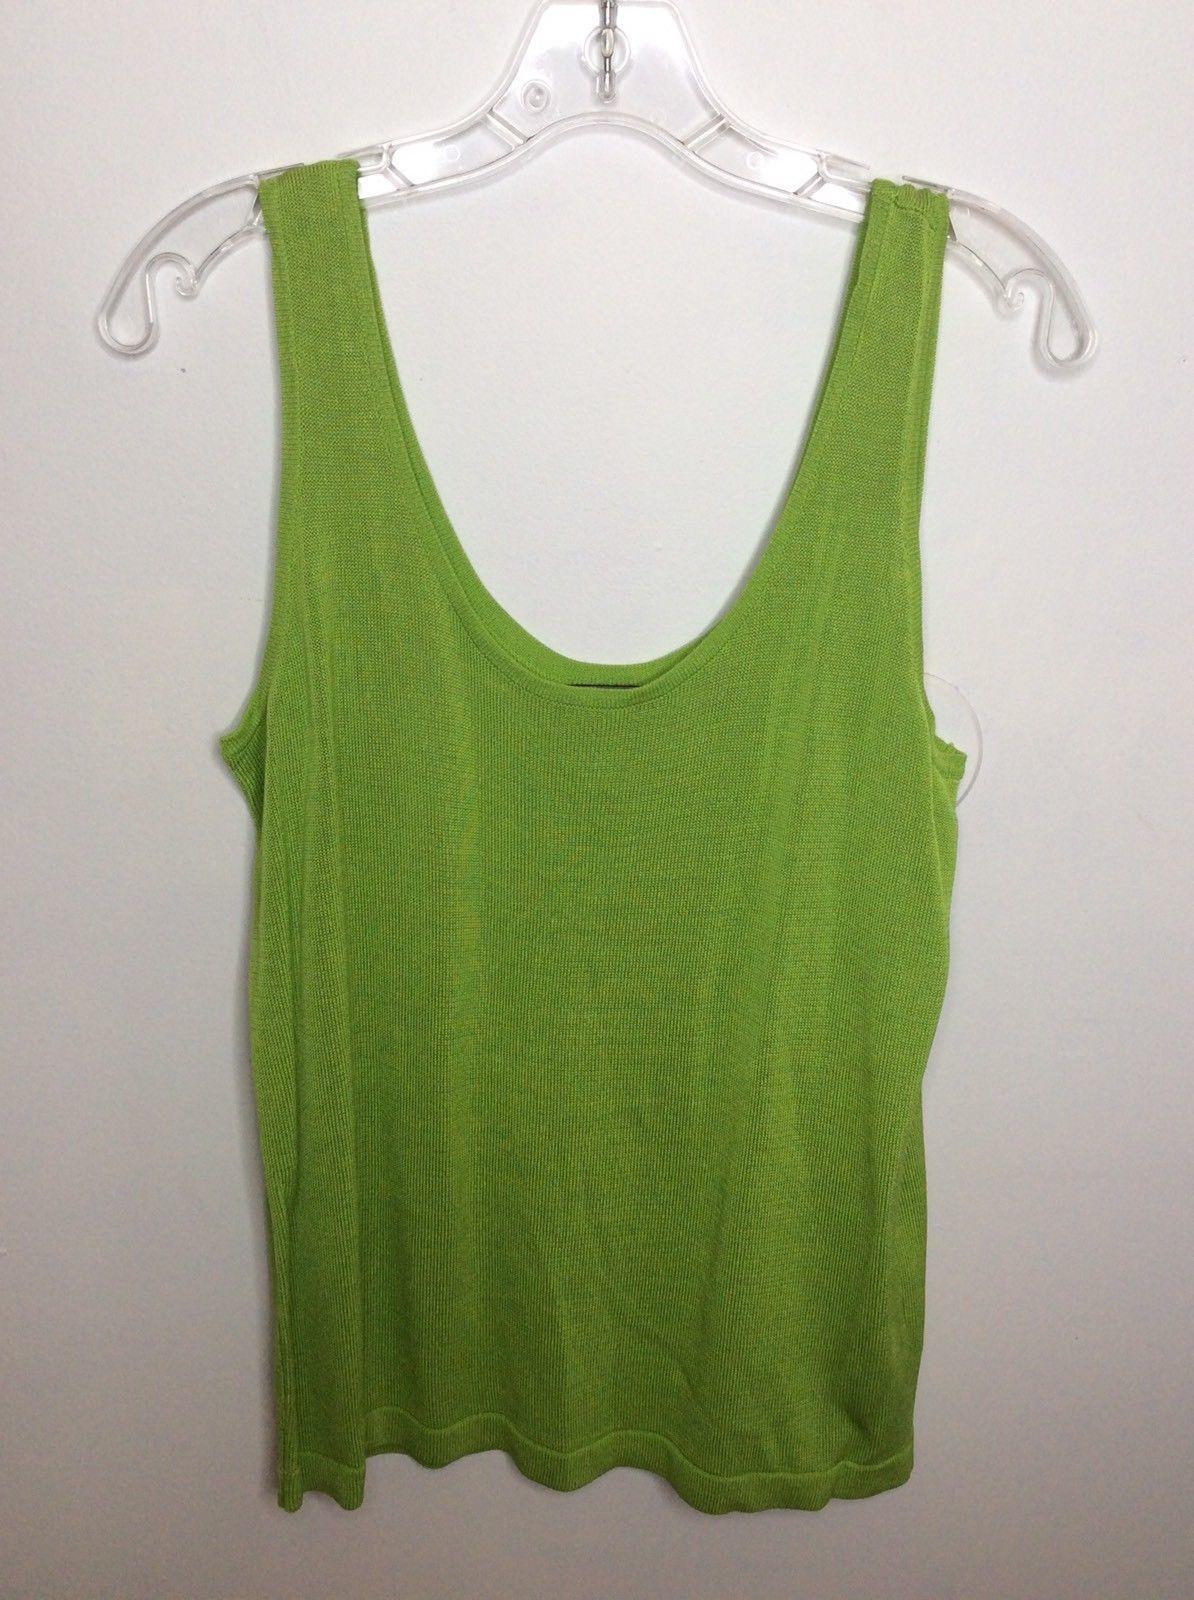 5e86069bb26623 S l1600. S l1600. Previous. Linda Allard Ellen Tracy Womens Lime Green  Rayon Sleeveless Tank Top Blouse Sz L